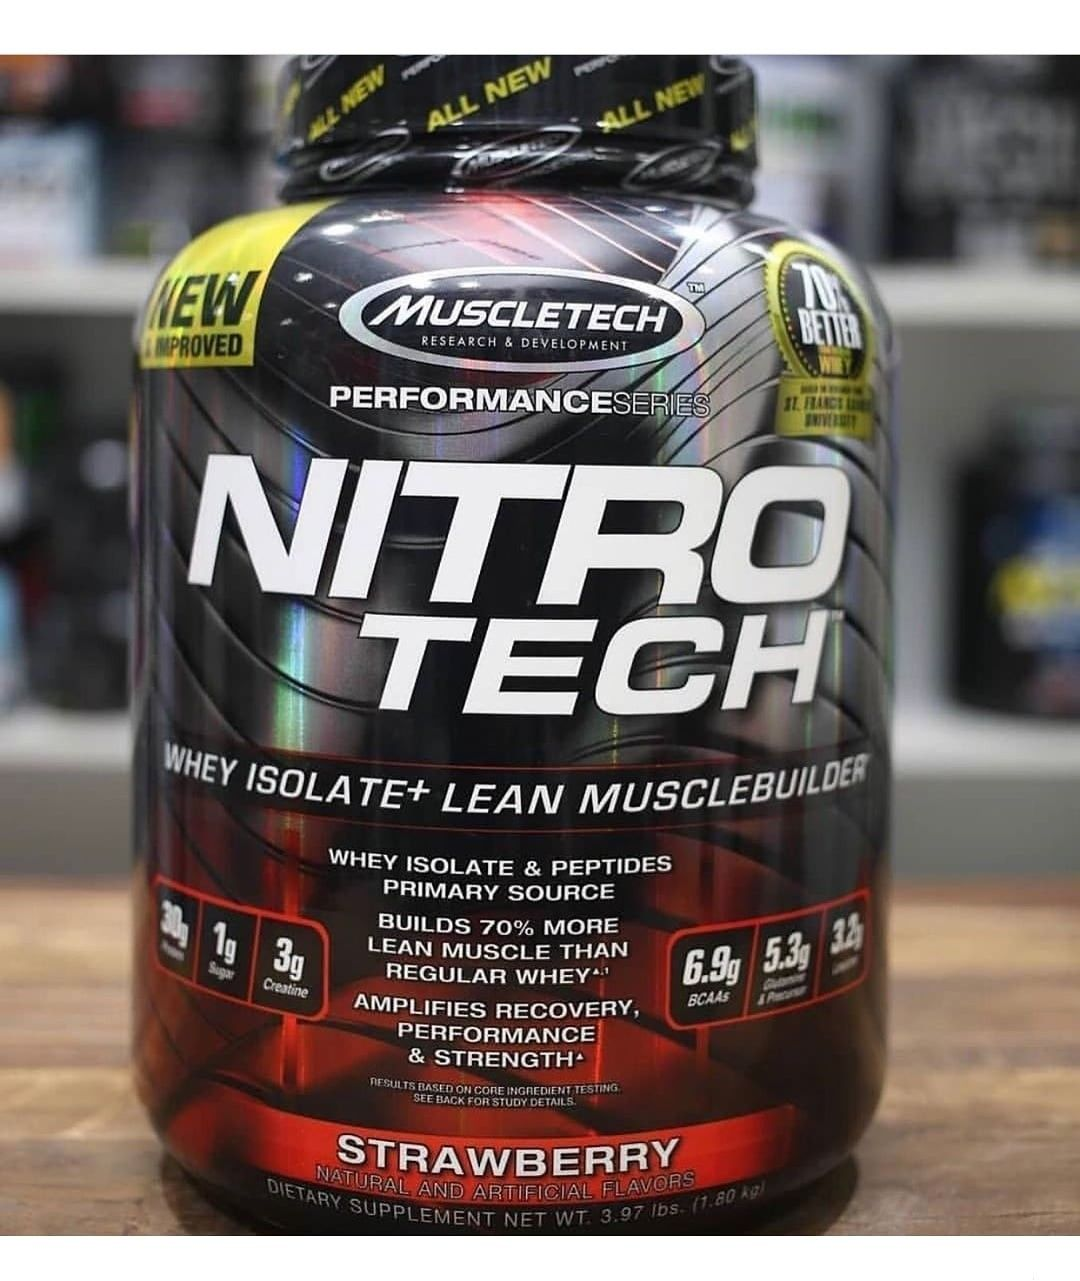 Muscletech Nitro Tech مصل اللبن الذهبي 100 مسحوق بروتين شرش اللبن بمذاق الشوكولاتة المضاعف 5 54 رطل 2 51 كجم Nitro Tech Gold Whey Protein Muscletech